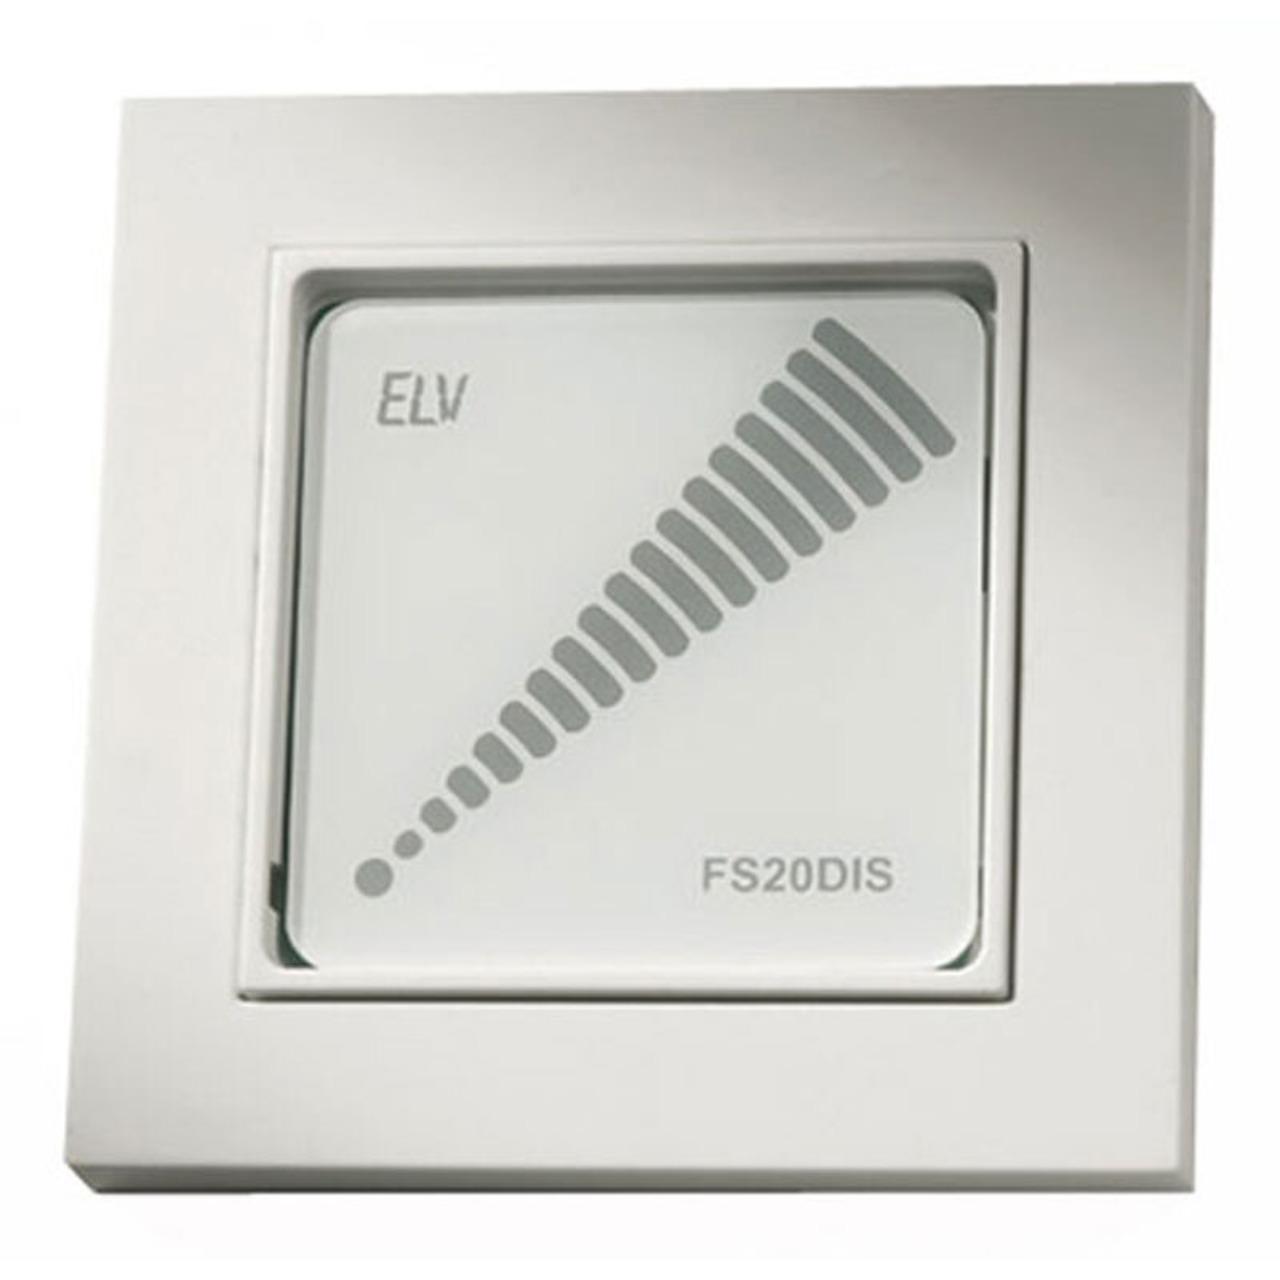 FS20 Dimmer-Slider DIS- inkl- 3 Sensorabdeckungen